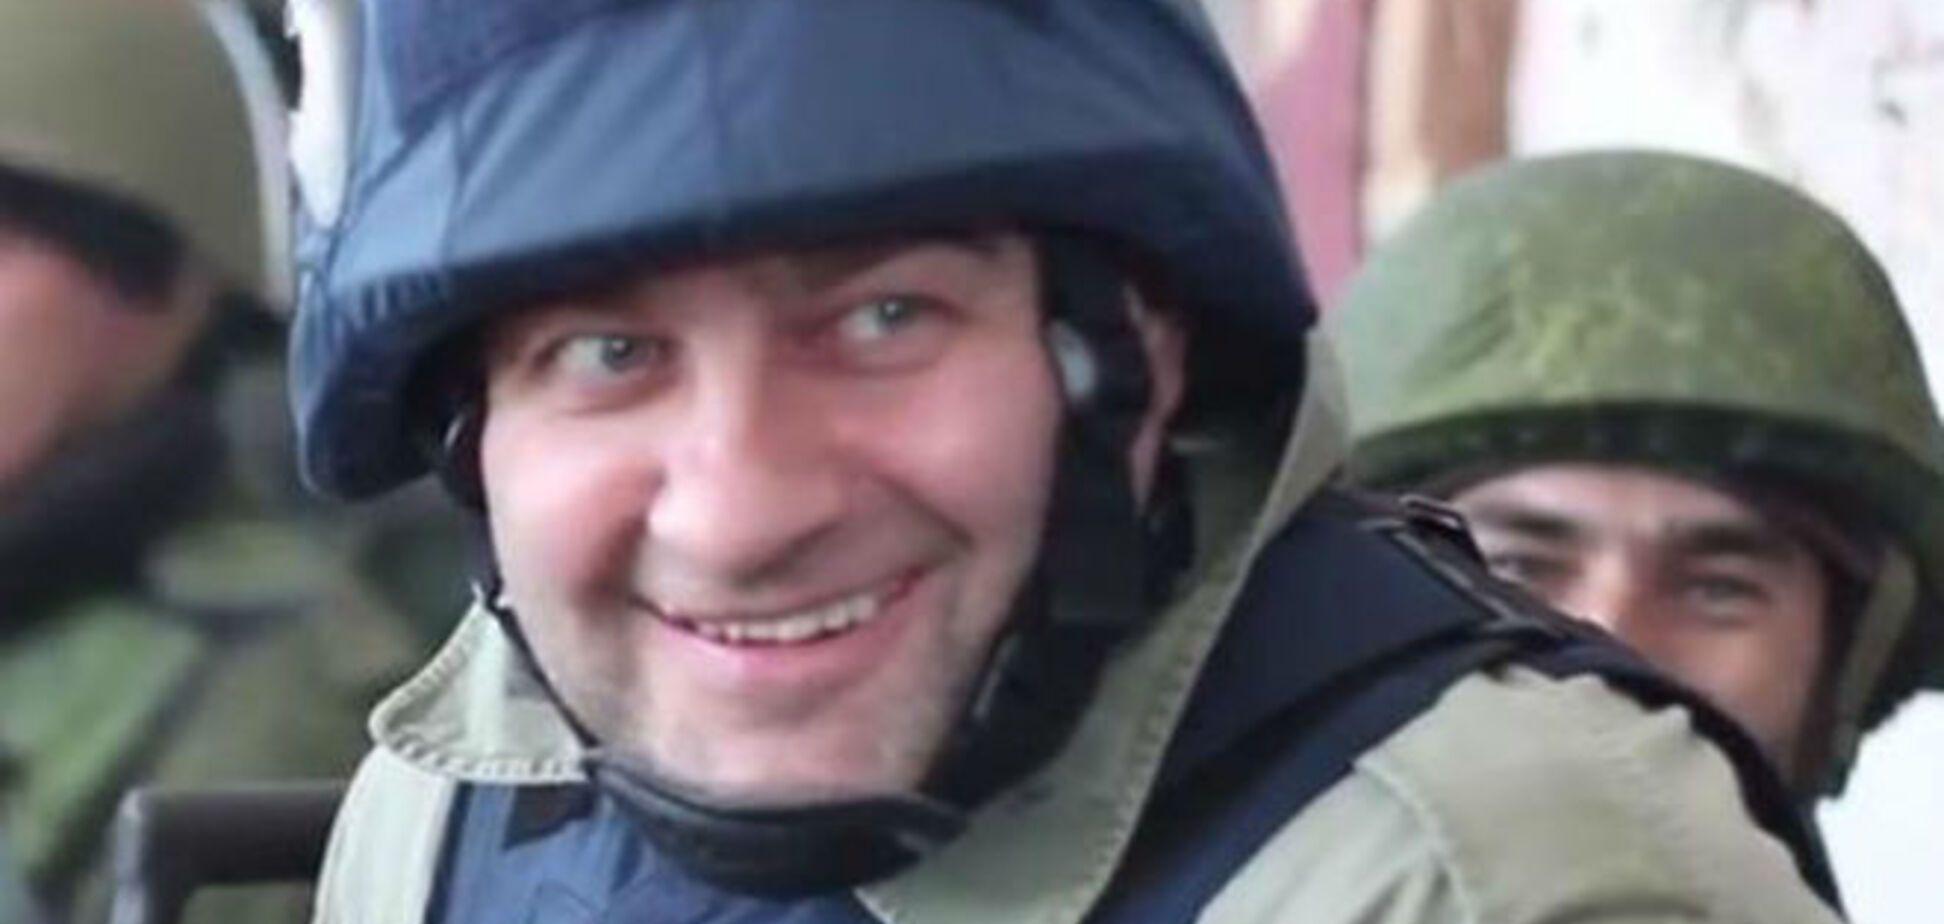 Пореченков обиделся: в украинской Википедии его подписали 'террорист и убийца'